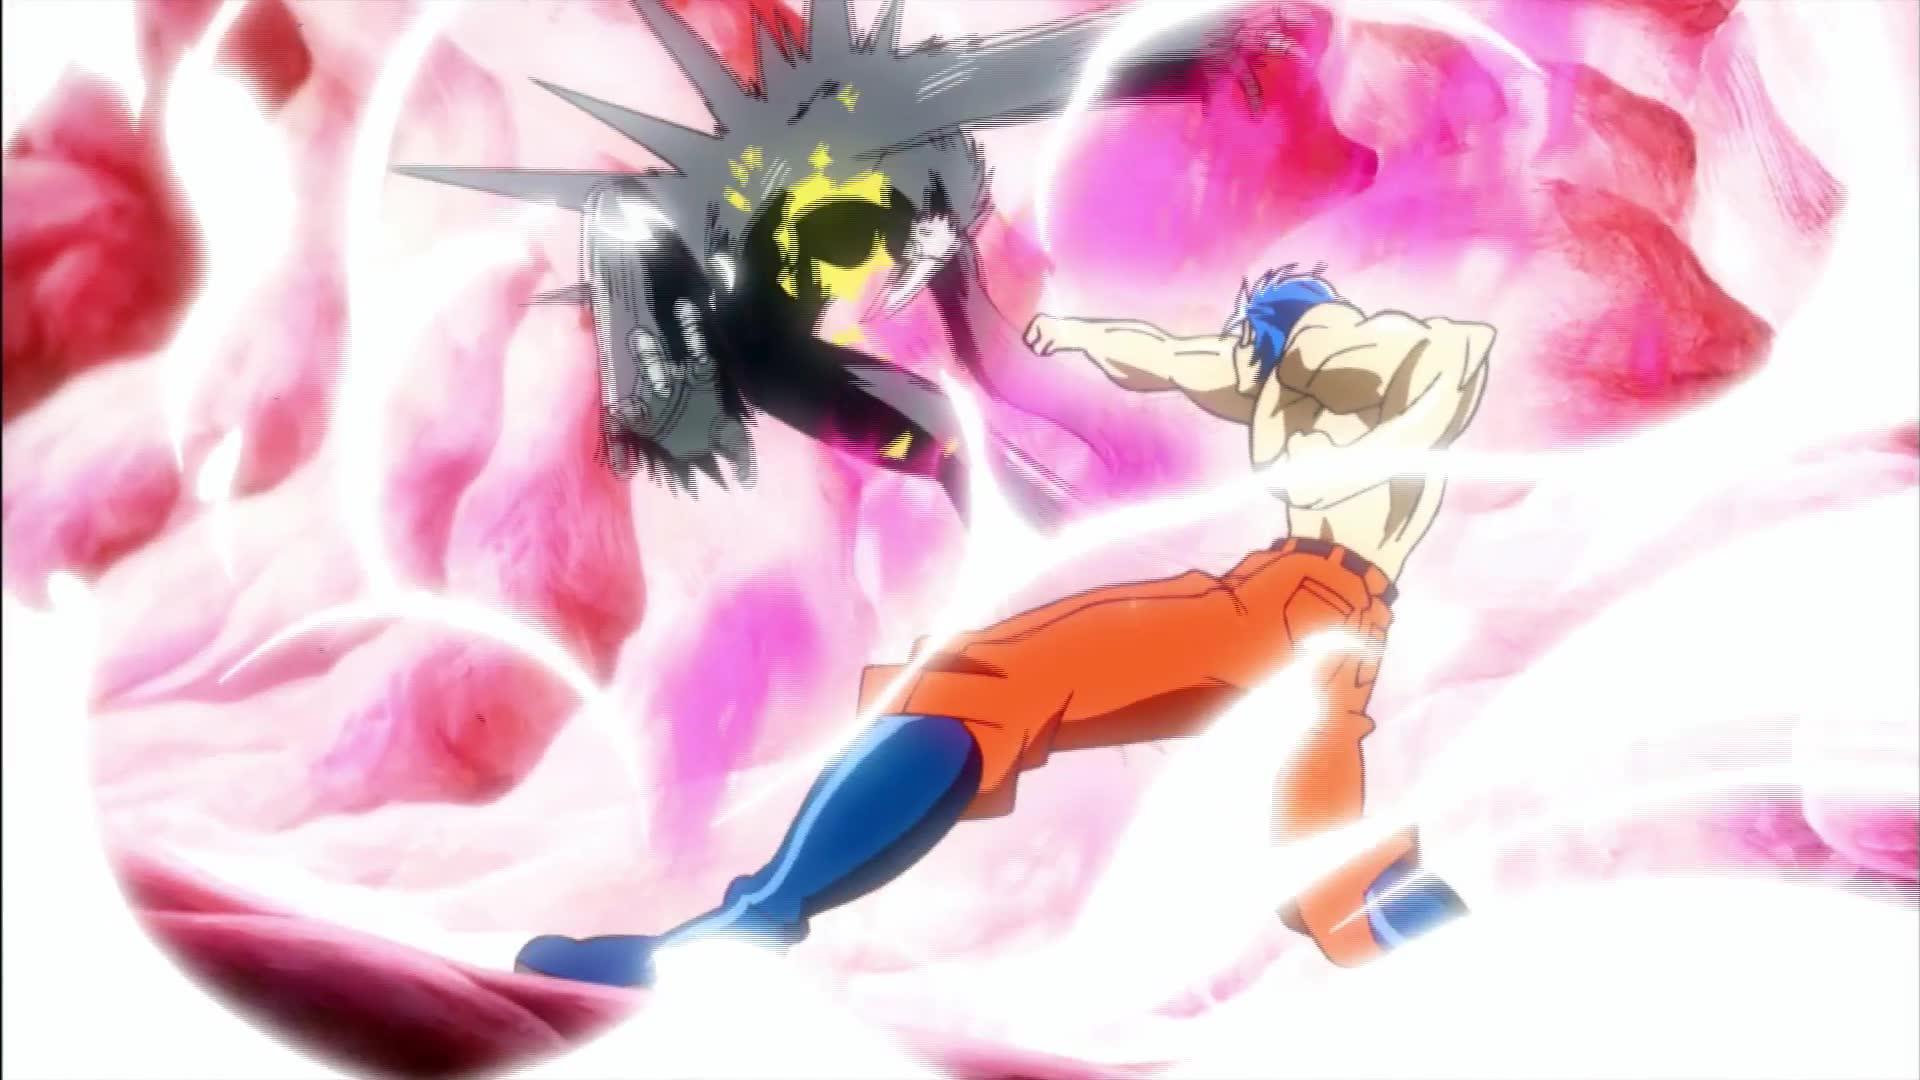 11화 야생의 싸움! 토리코, 최강 공격!!